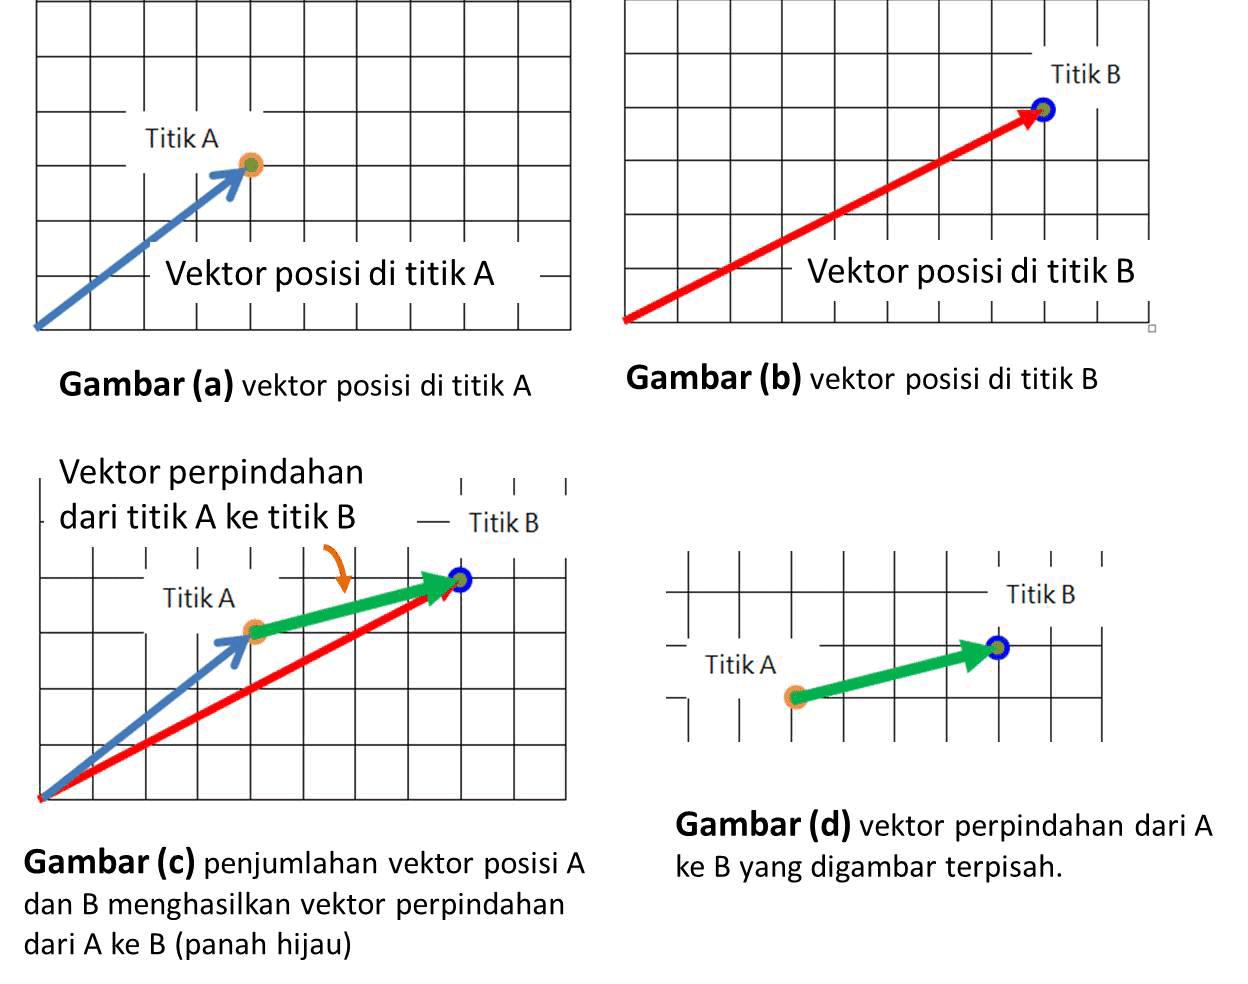 gambar penjumlahan vektor